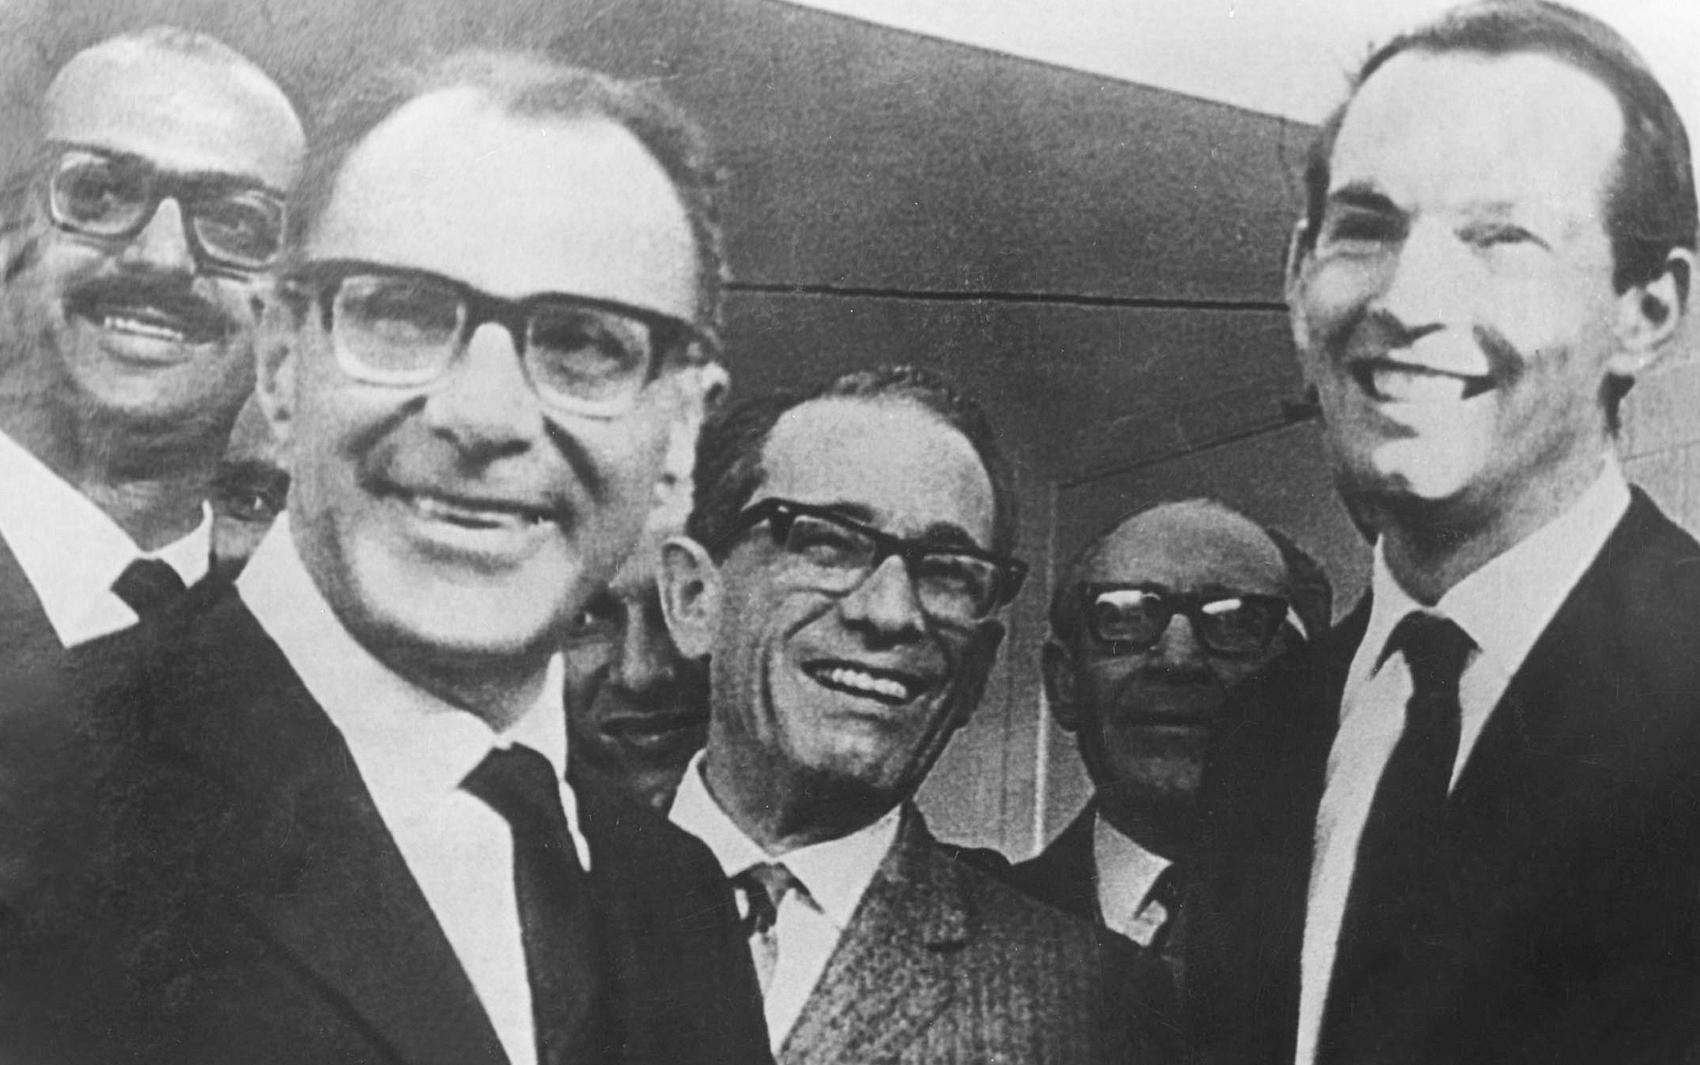 Da esquerda para direita: Adib Jatene, Dante Pazzanese, Euryclides de Jesus Zerbini, Campos Freire e Christiaan Barnard em foto de 25 de setembro de 1968.